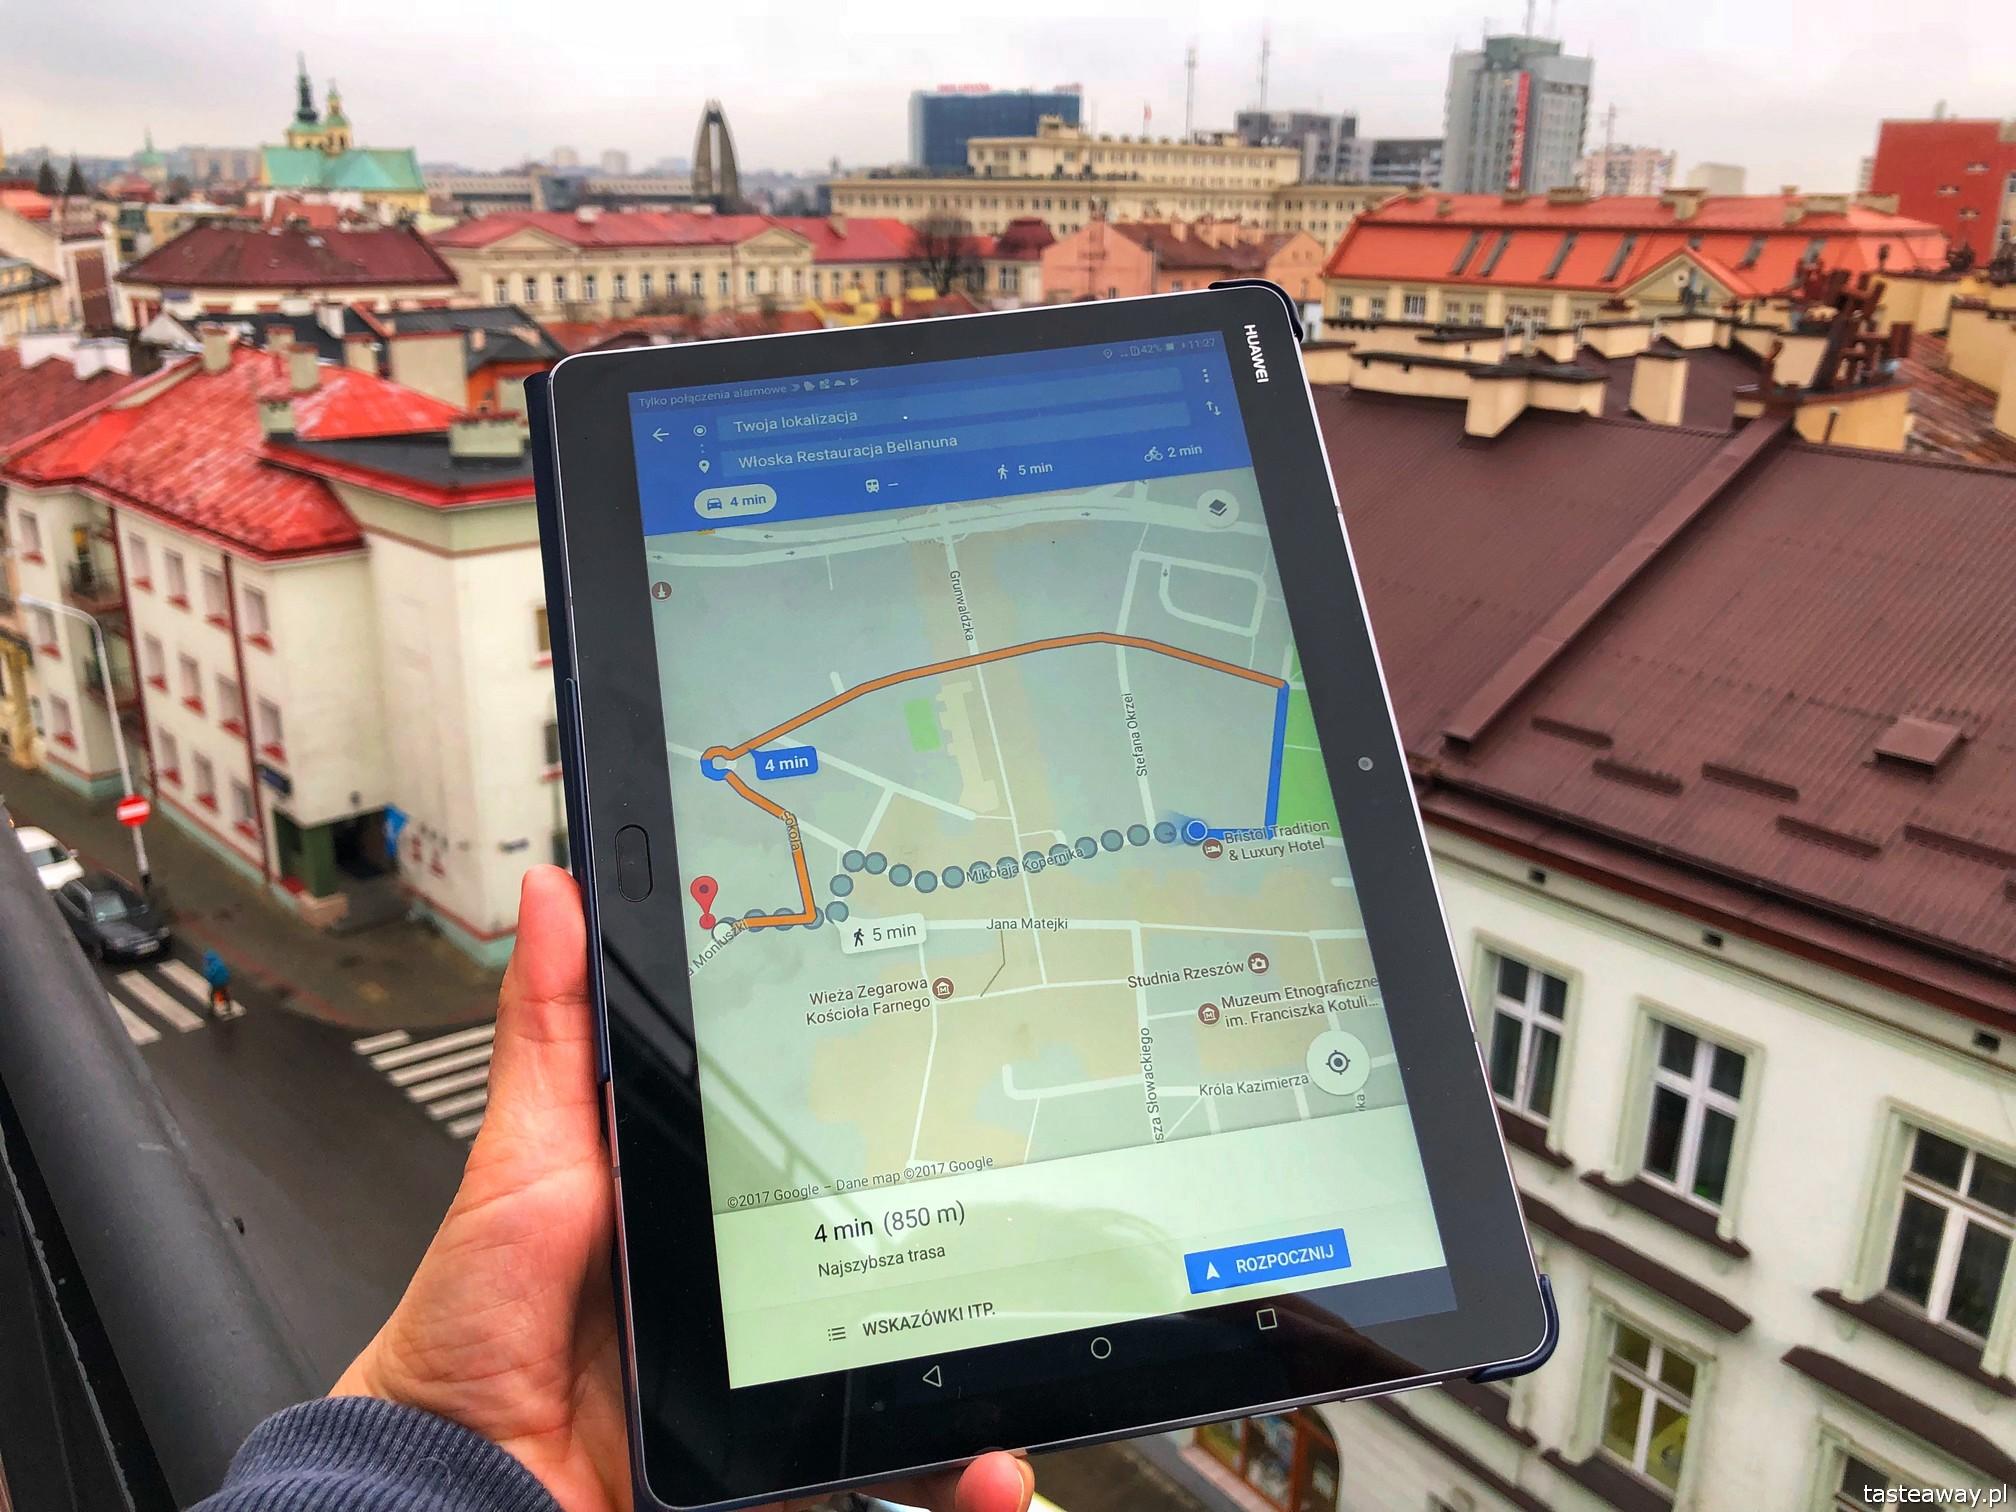 Rzeszów, Podkarpackie, co zobaczyć w Rzeszowie, tablet, Media Pad M3 Lite, Huawei, planowanie podróży